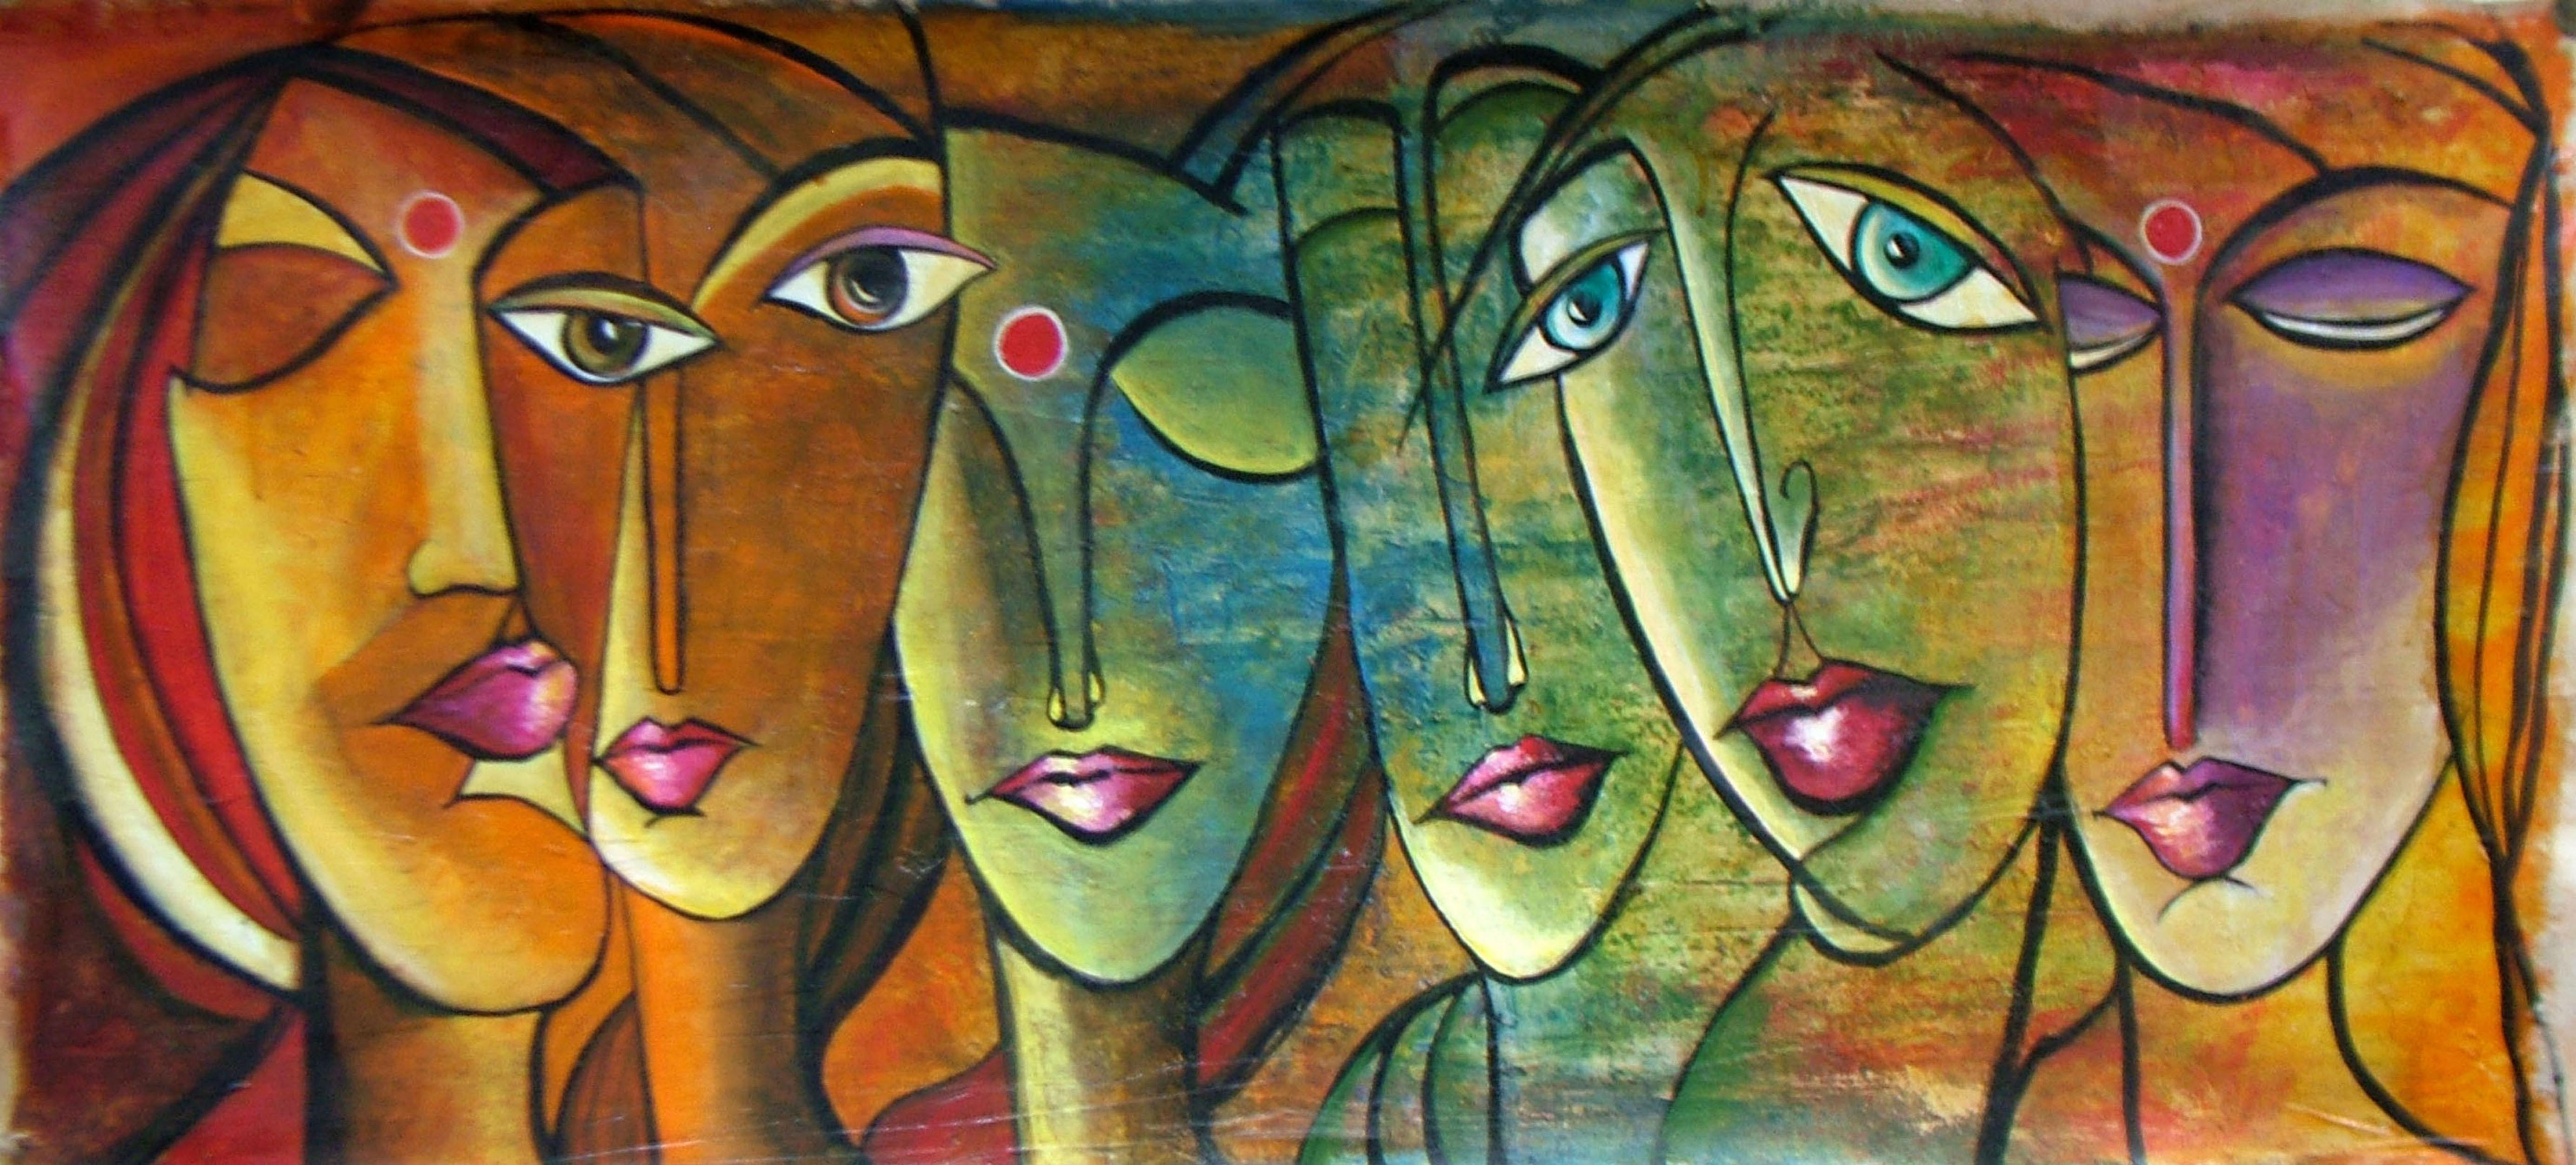 feelings and emotions original painting by neeraj